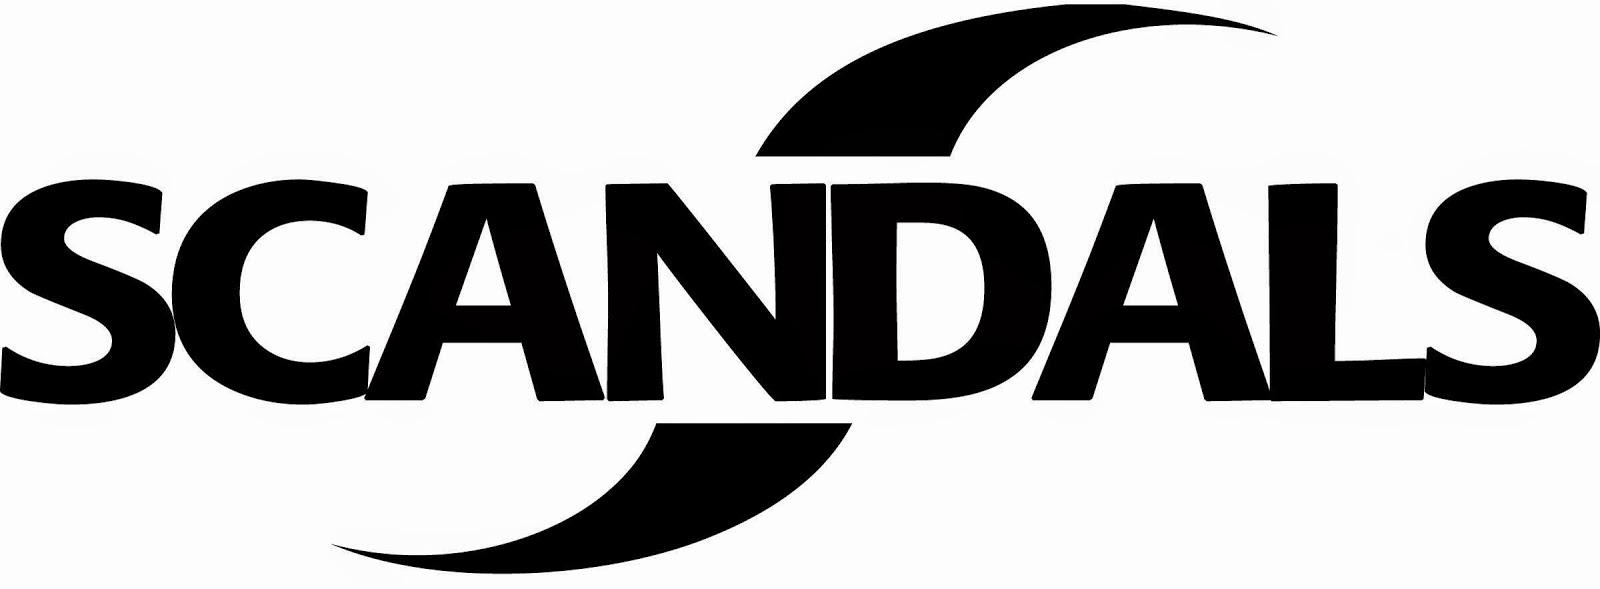 http://scandalspdx.com/